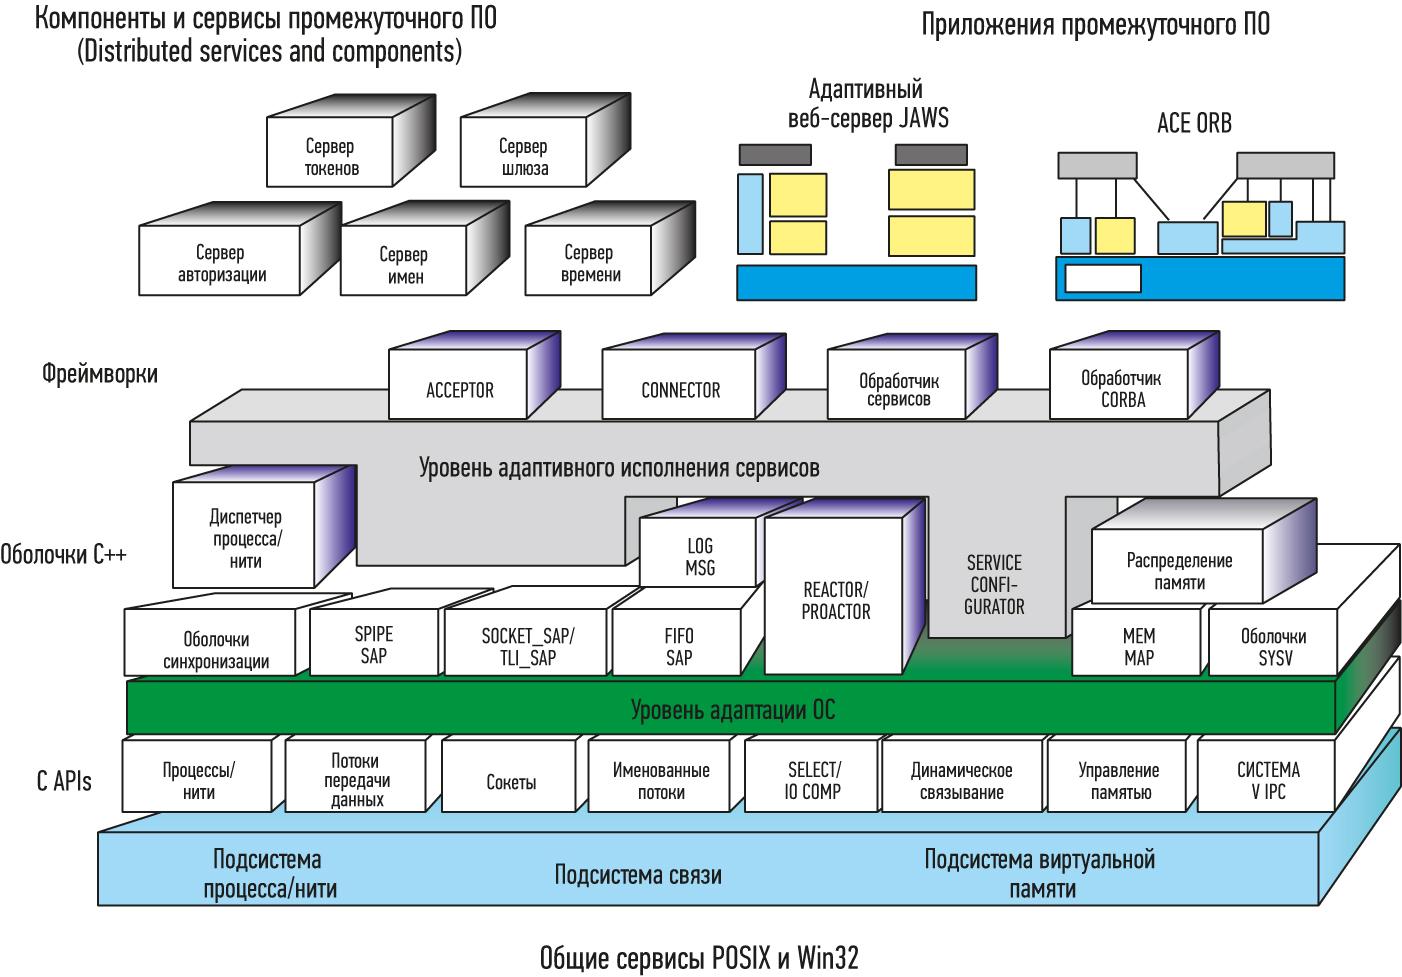 Архитектура платформы ACE